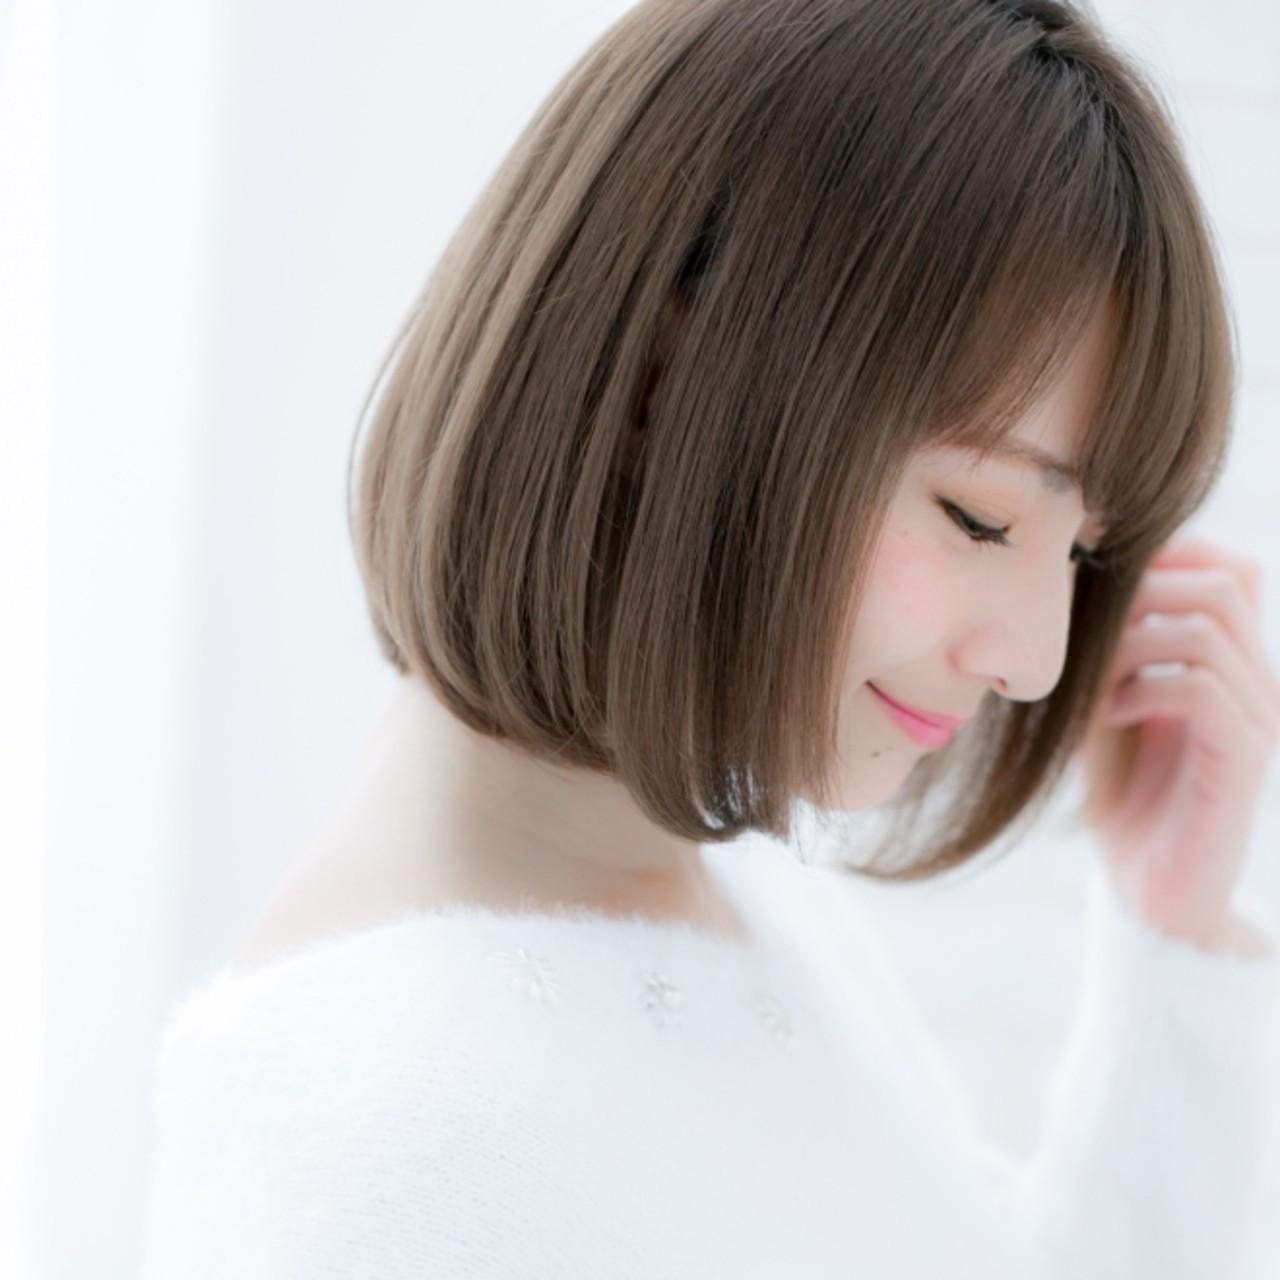 お嬢様風♡毛先ワンカールのモテショートボブヘア ROMA/LOREN ヒカル